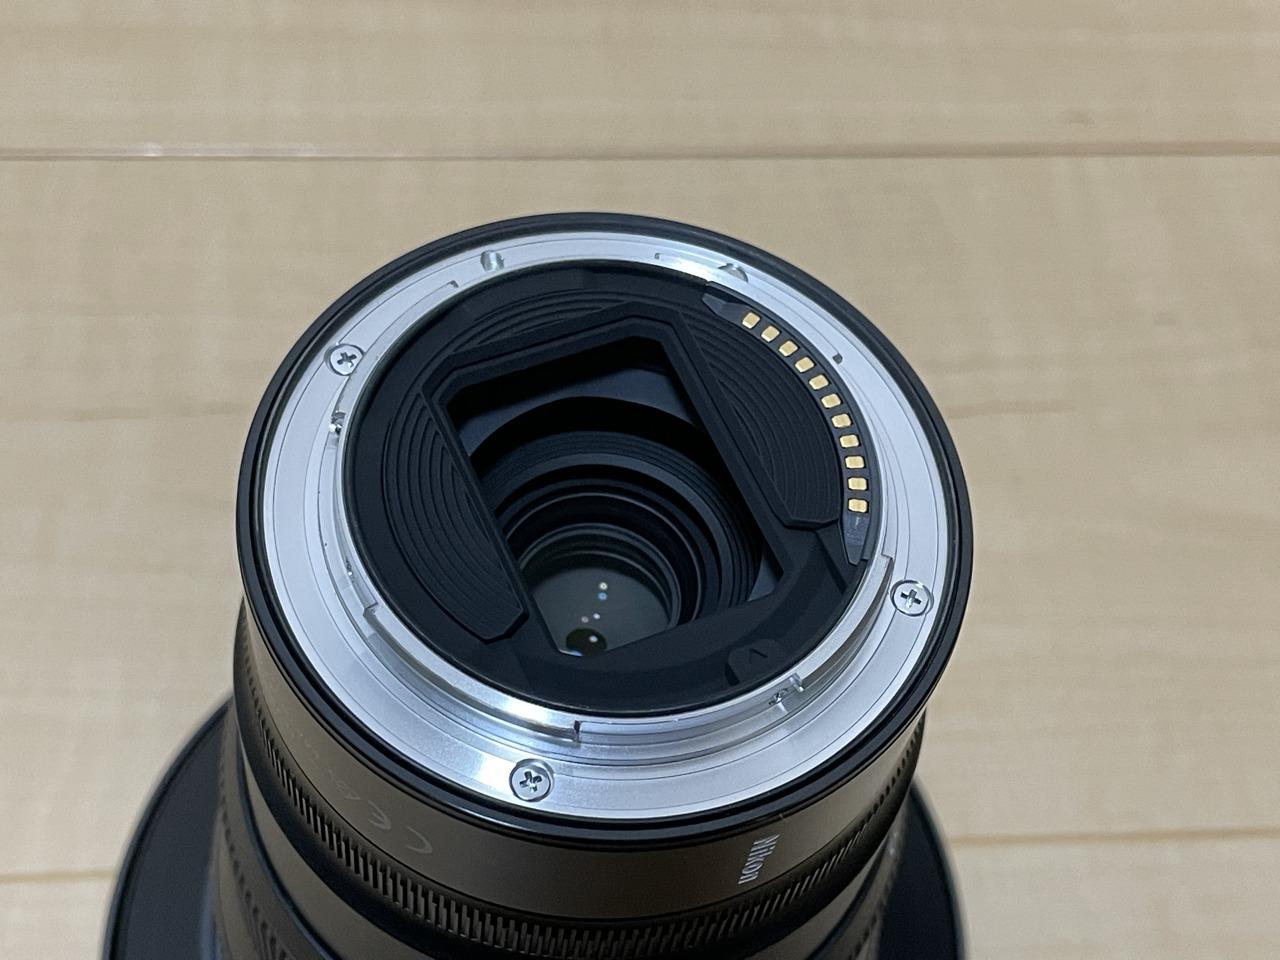 NIKKOR Z 14-24mm f/2.8 Srear